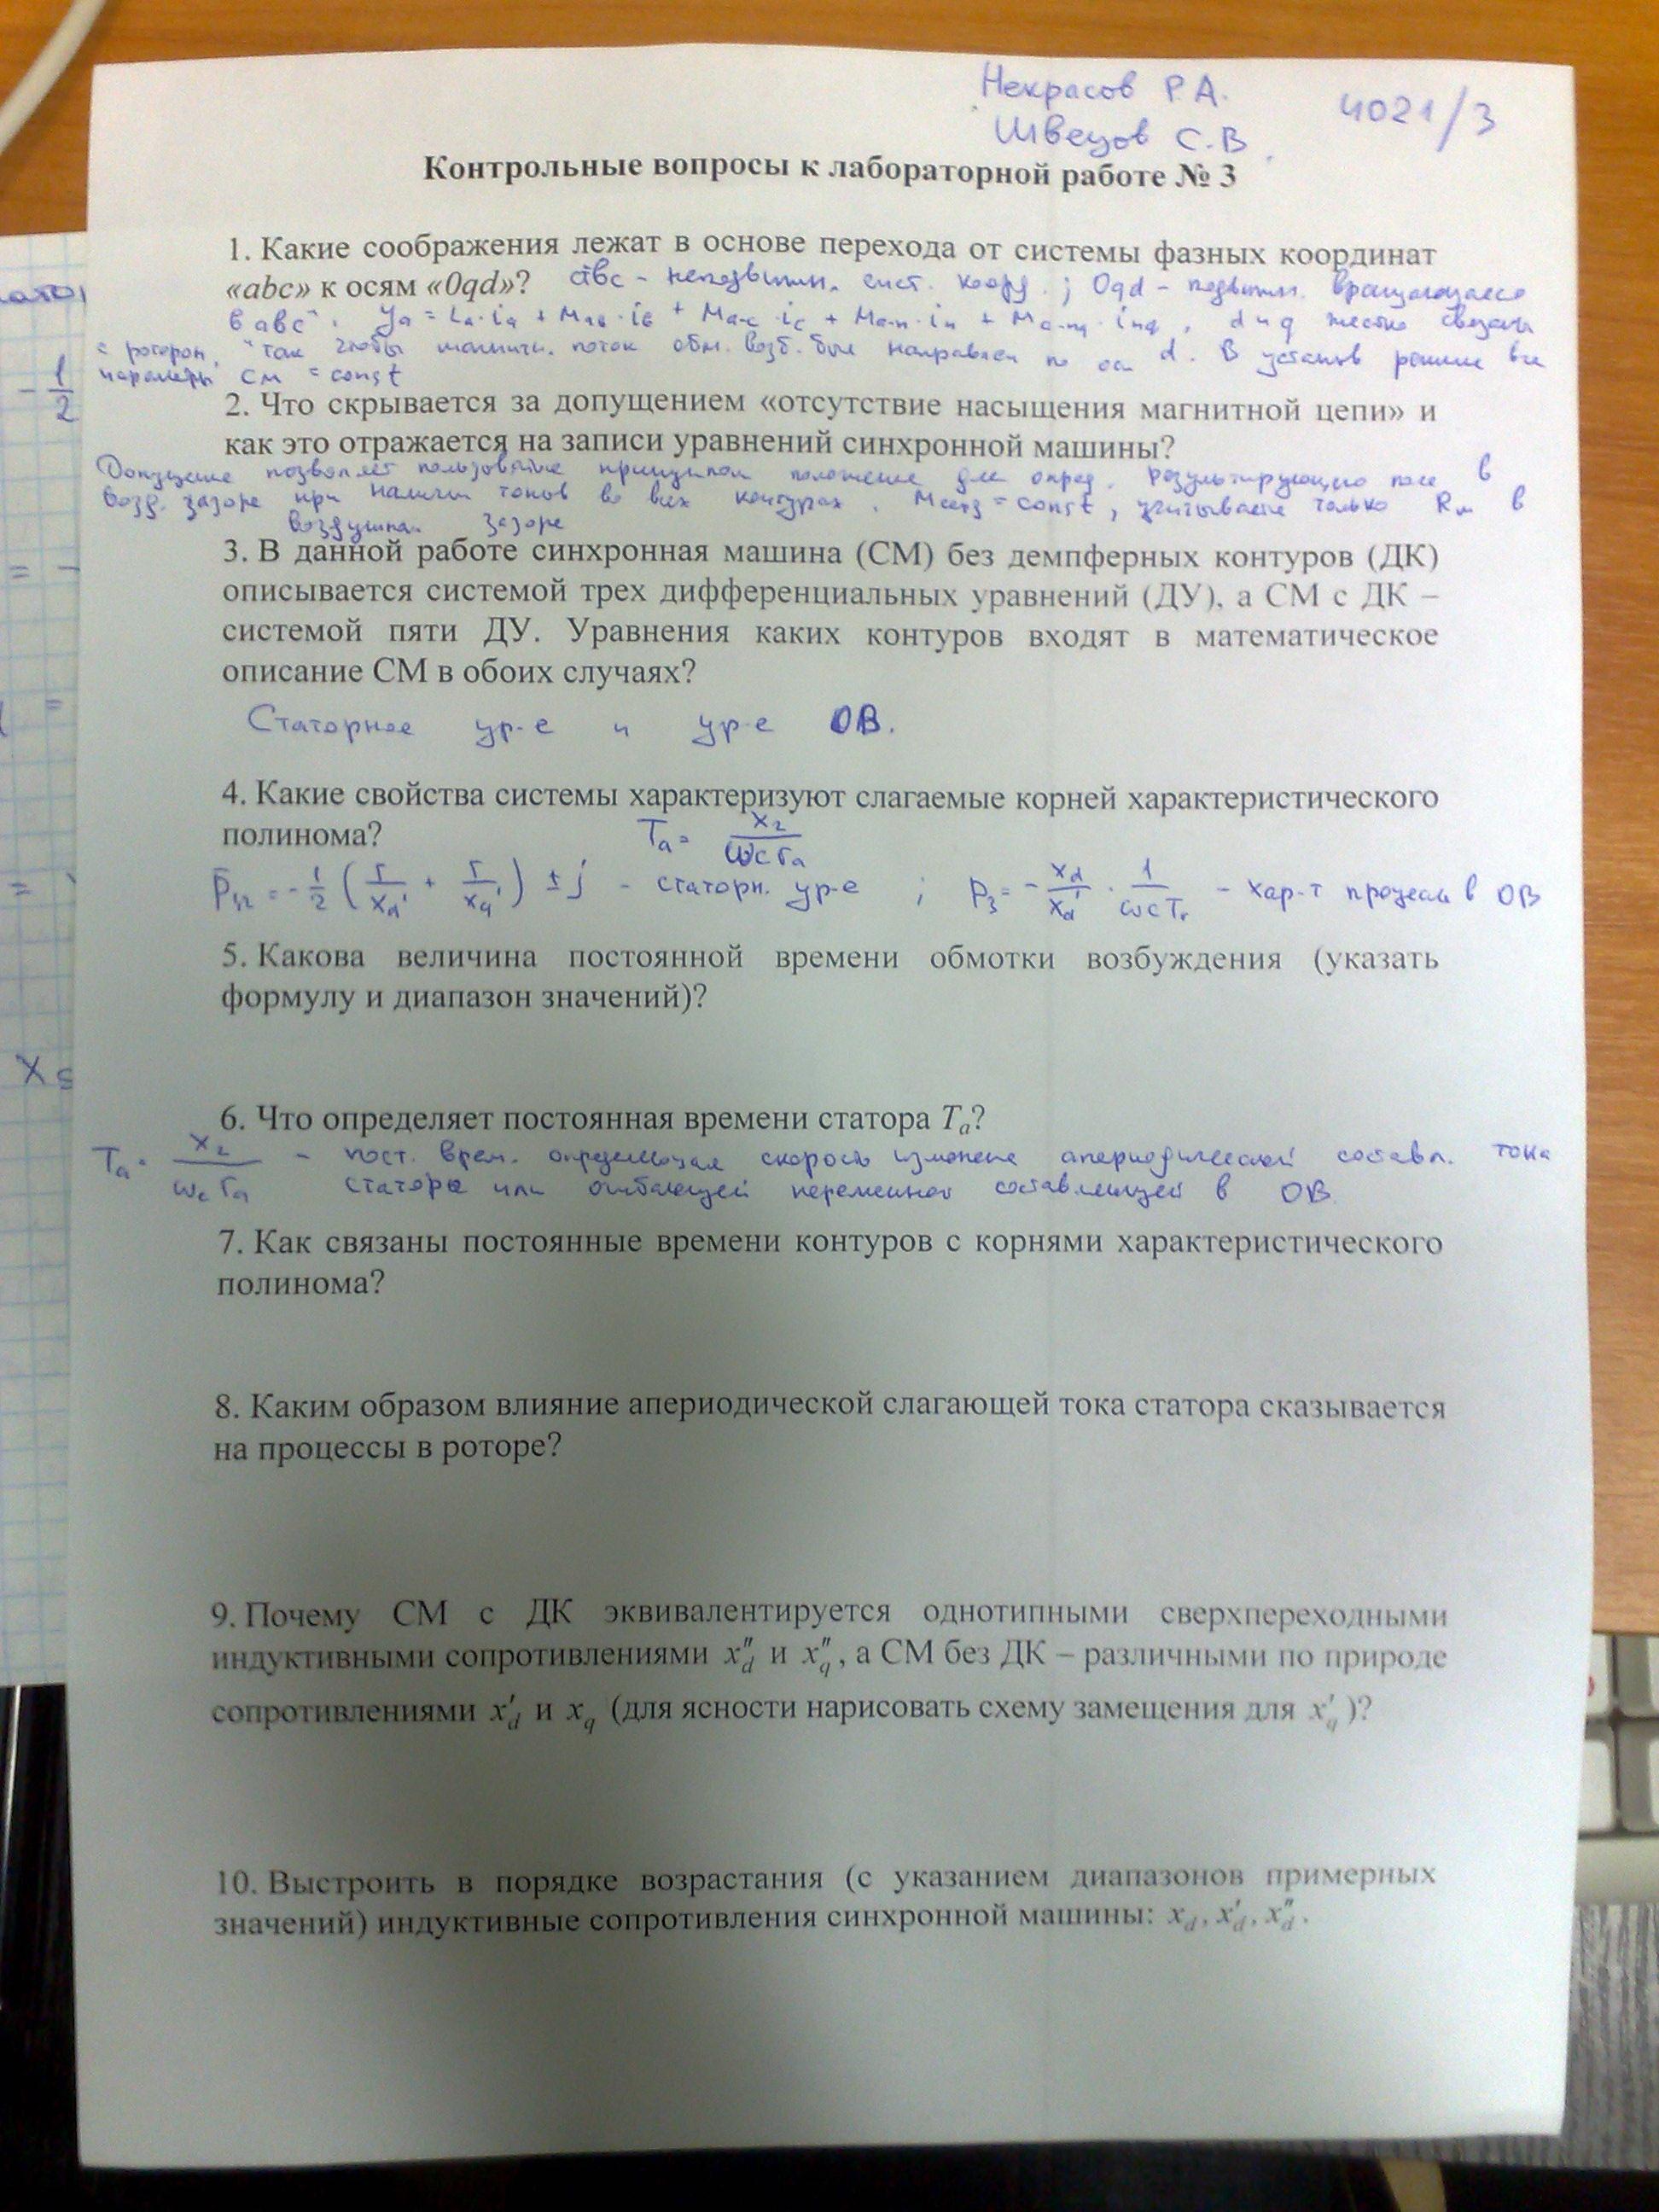 Лабораторные работы по физике 1 курс скачать